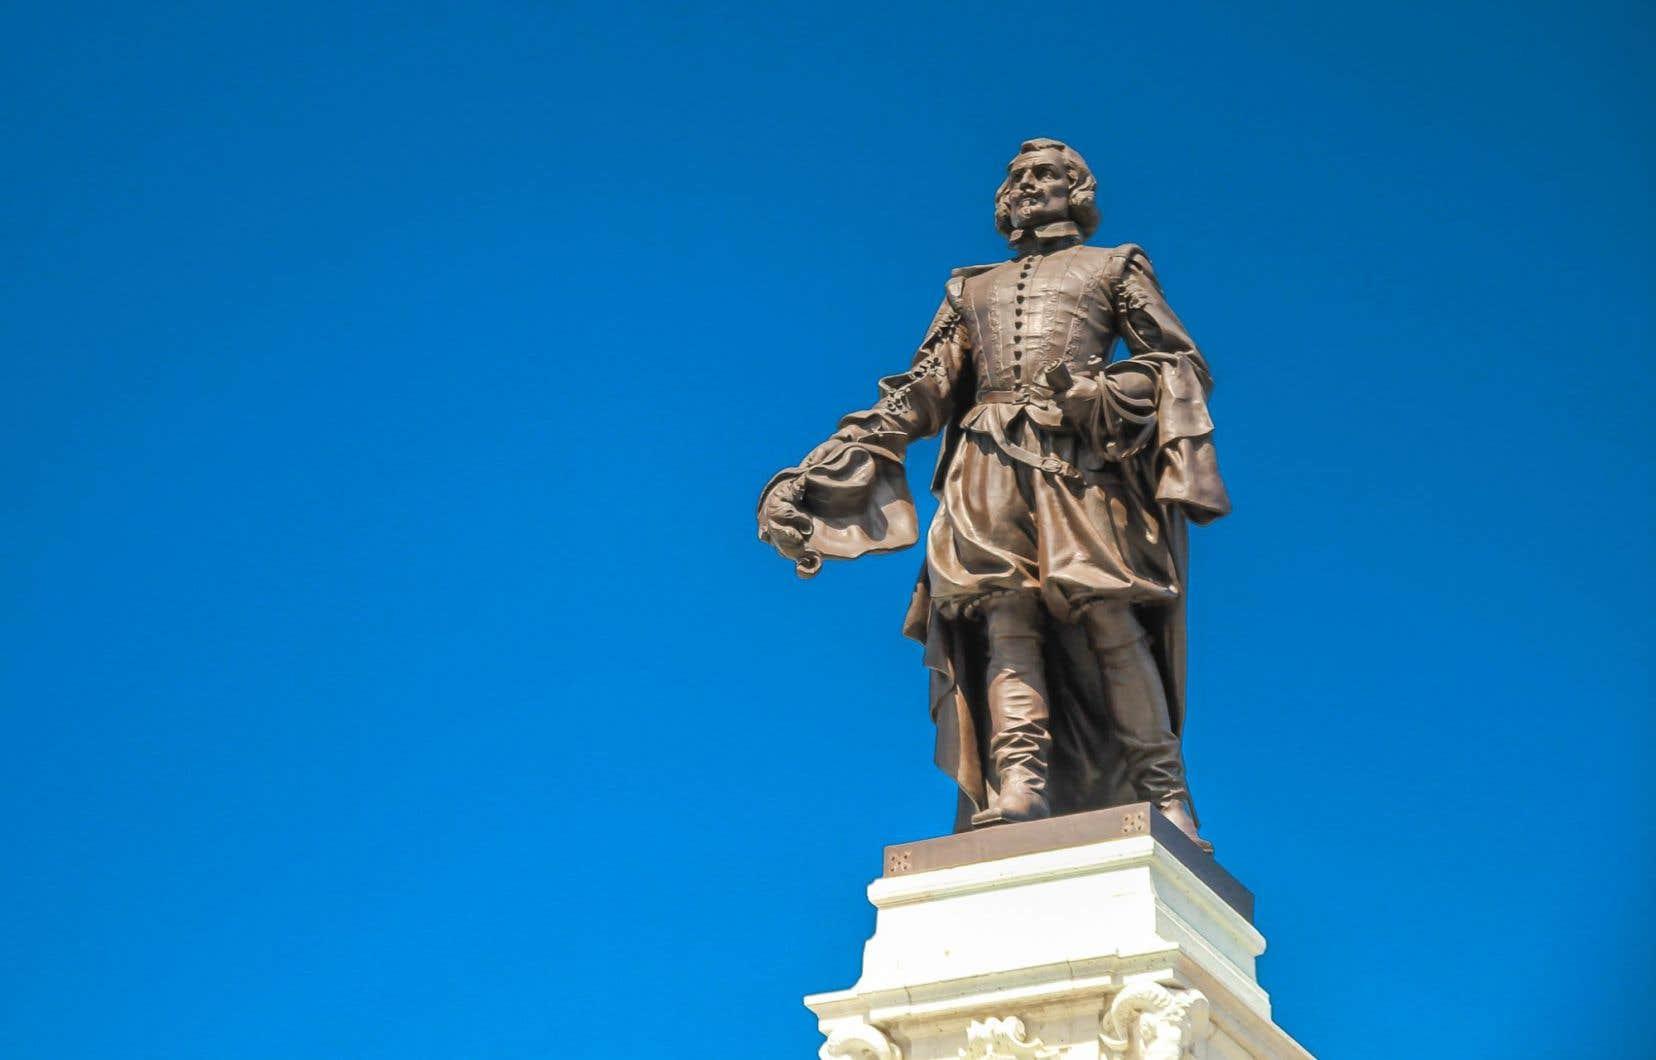 La statue de Samuel De Champlain à Québec. Les états généraux sur les commémorations se poursuivent jusqu'au 8 octobre.